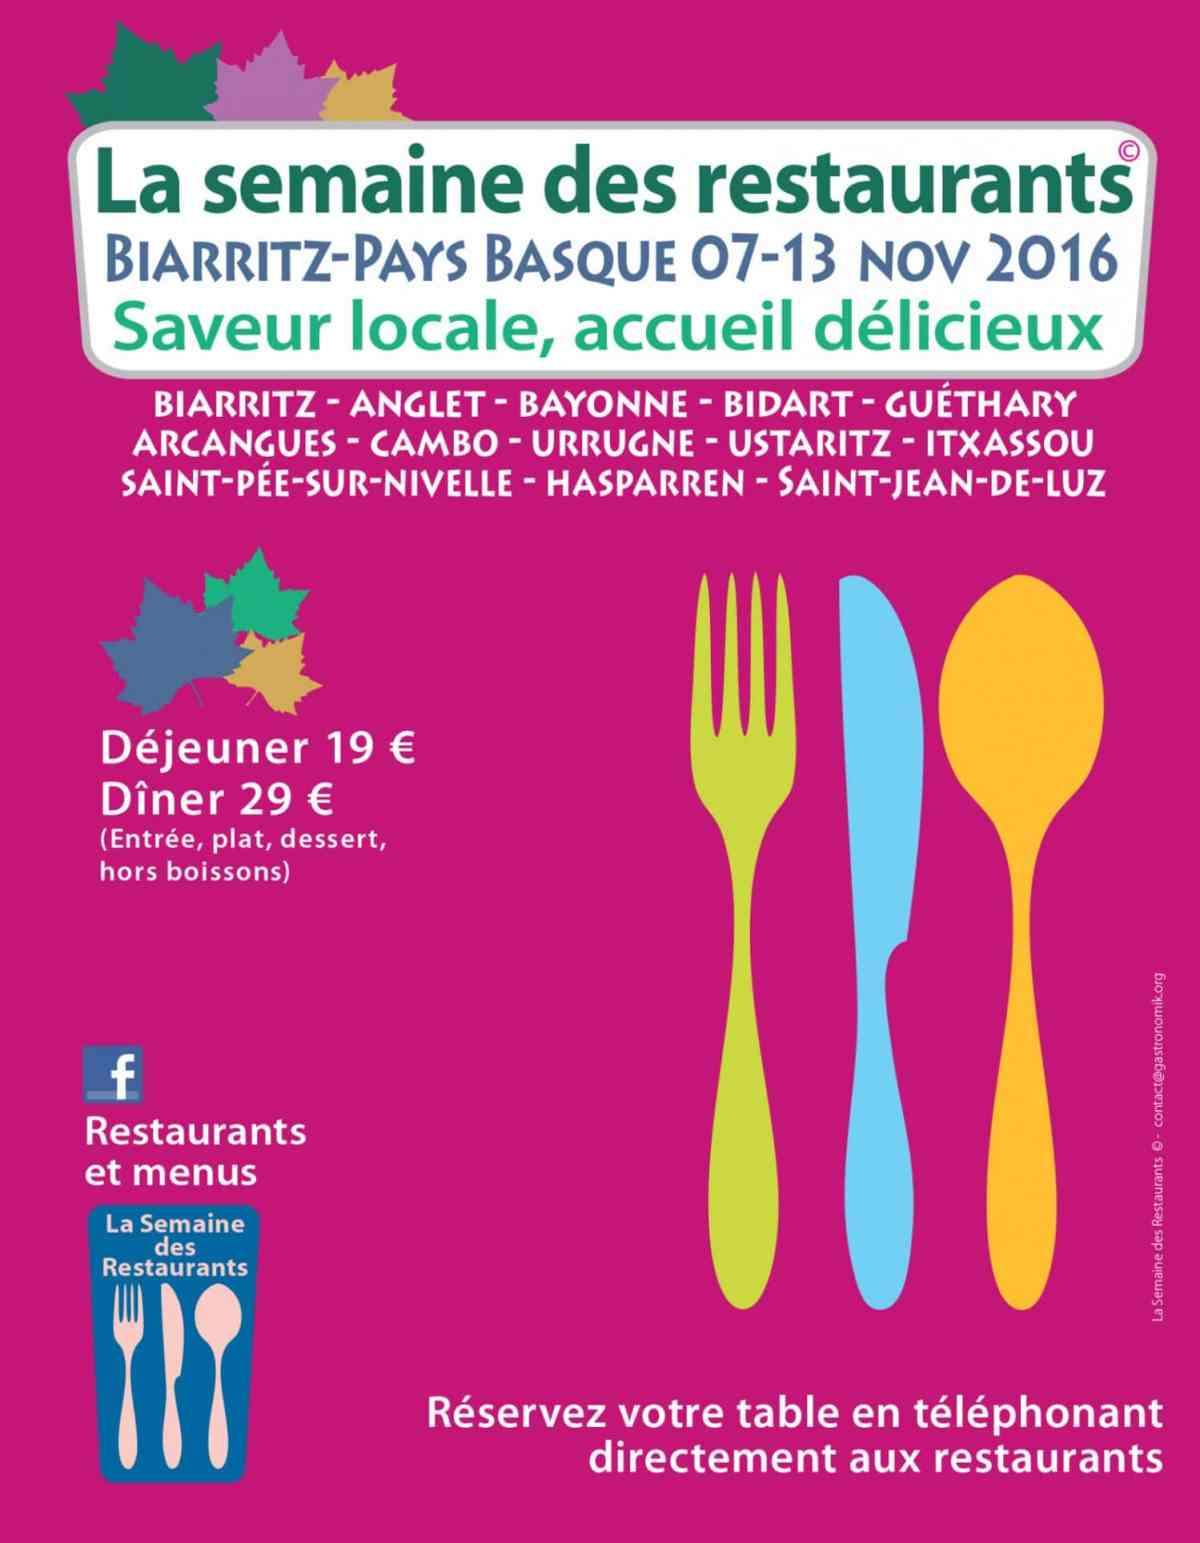 semaine_des_restaurants_7_au_13_novembre_2016-1